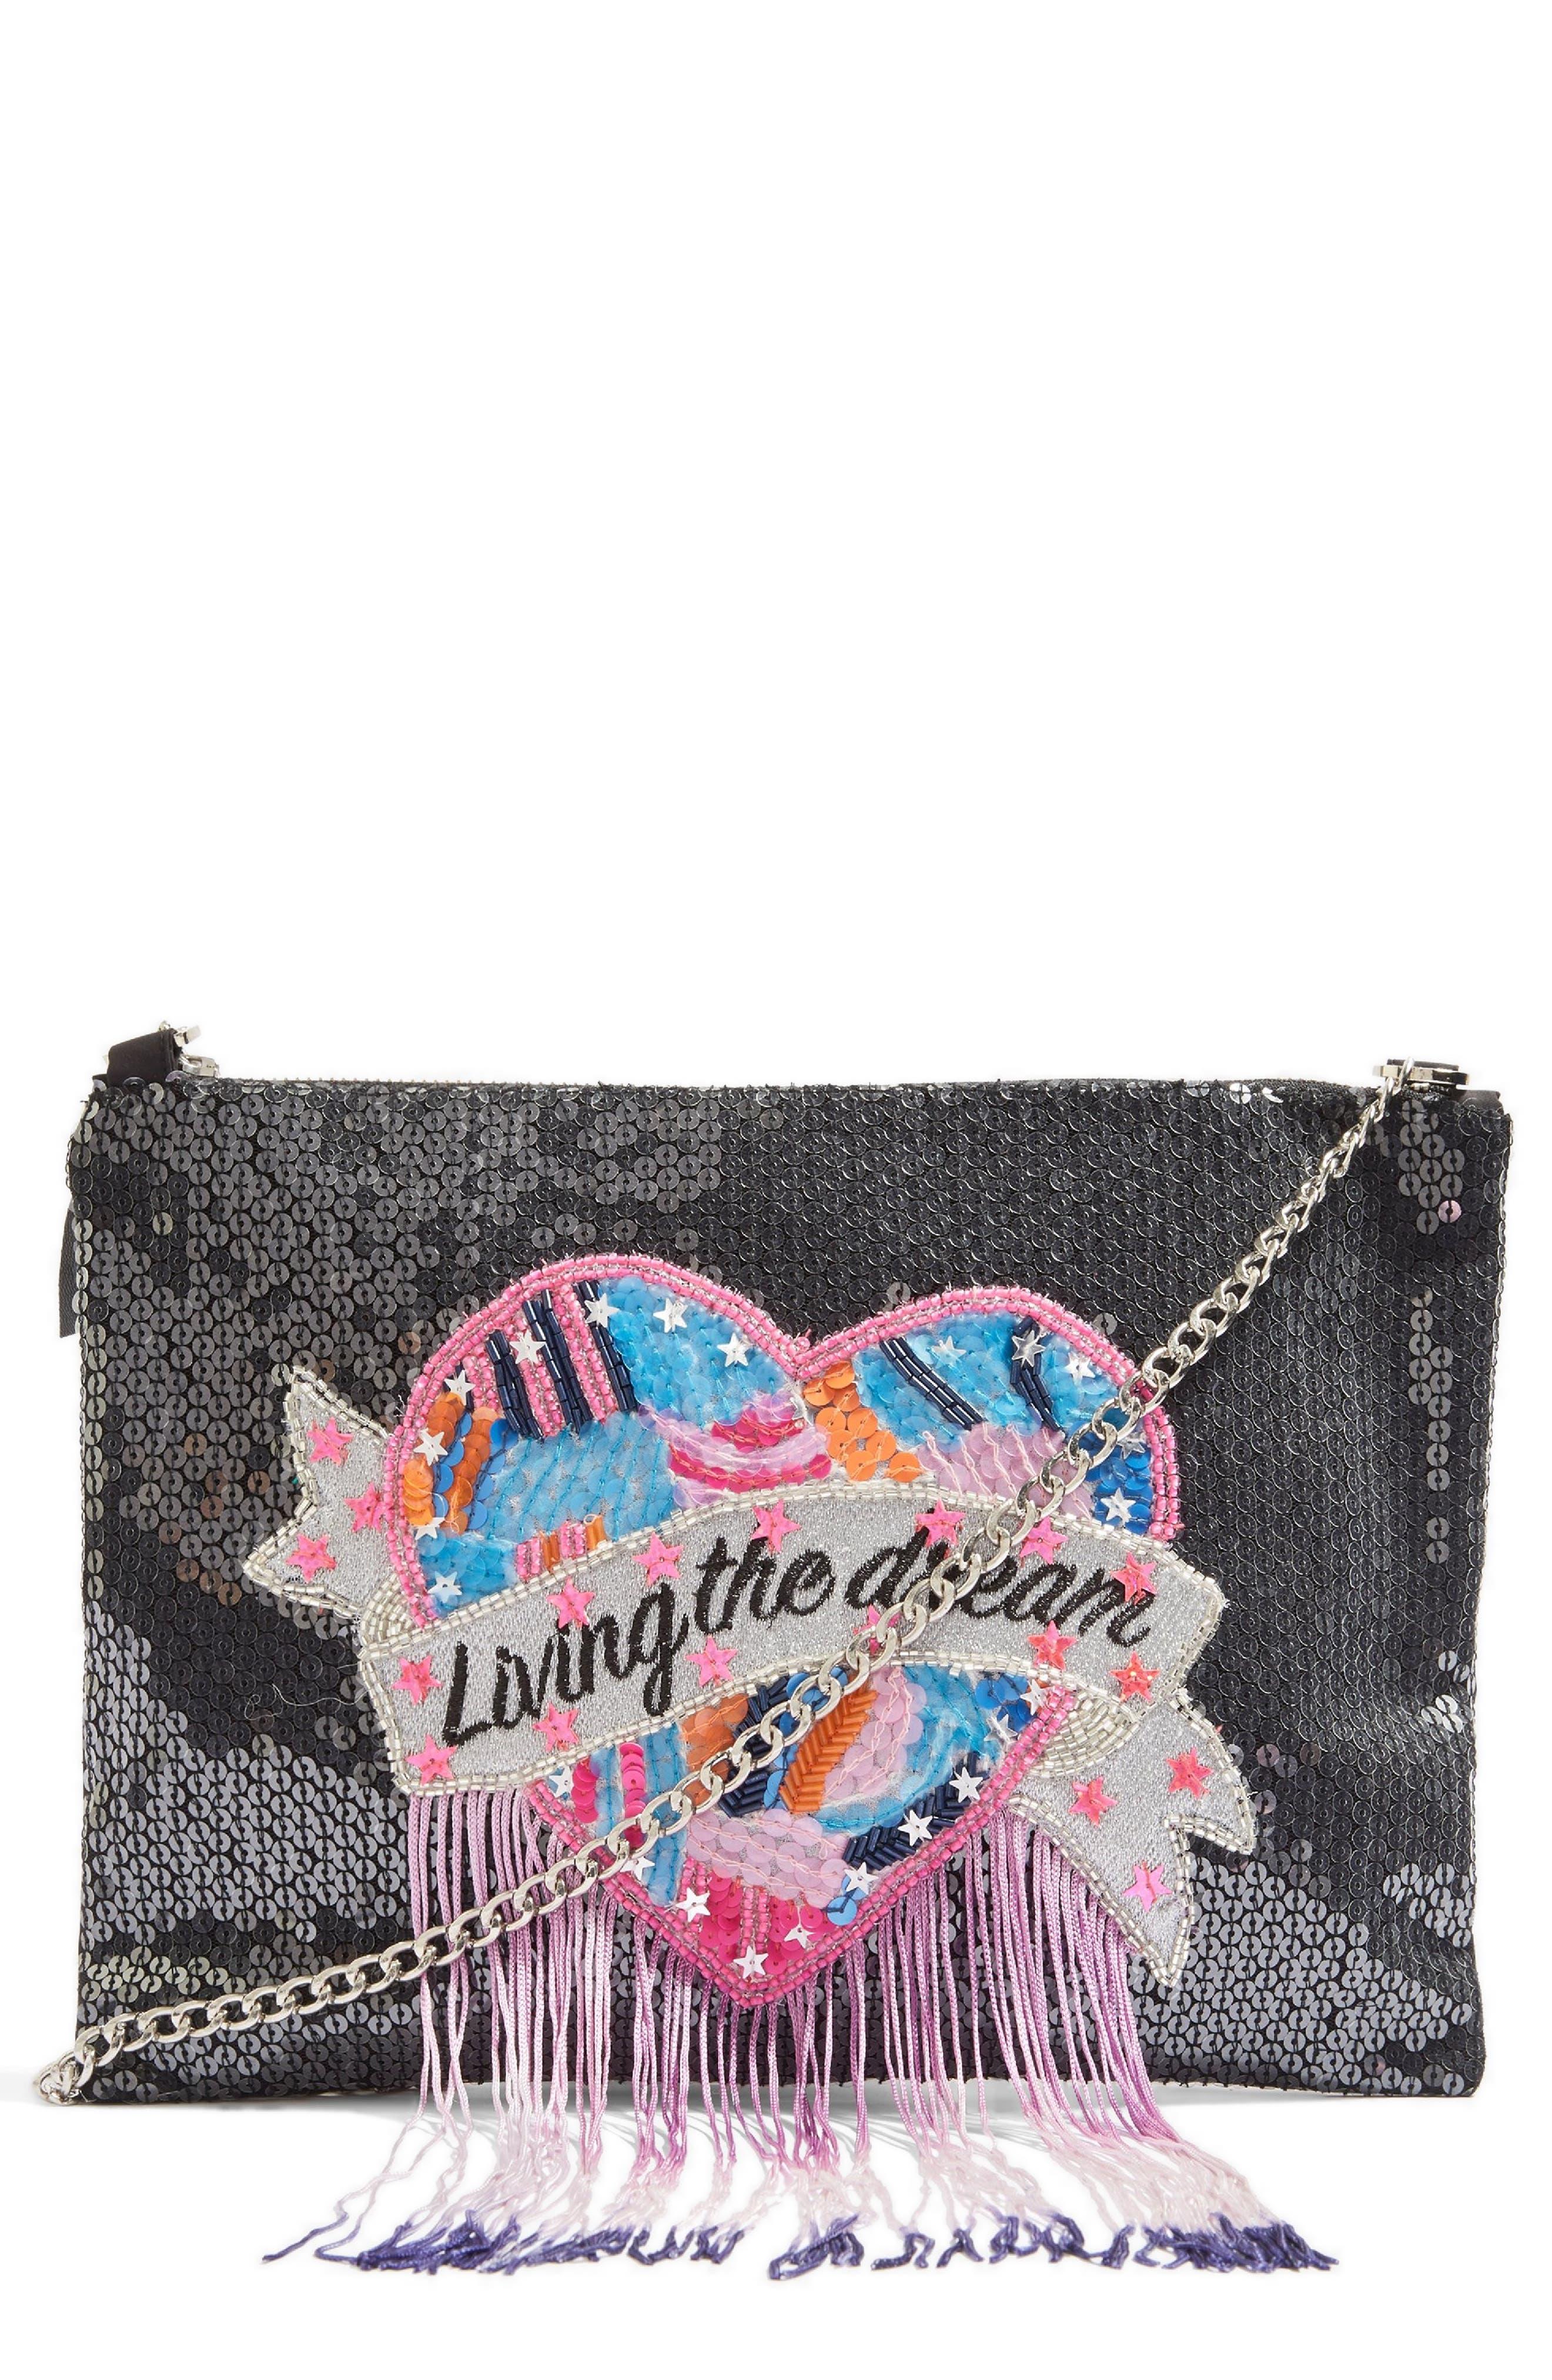 Living The Dream Crossbody Bag,                         Main,                         color, 001